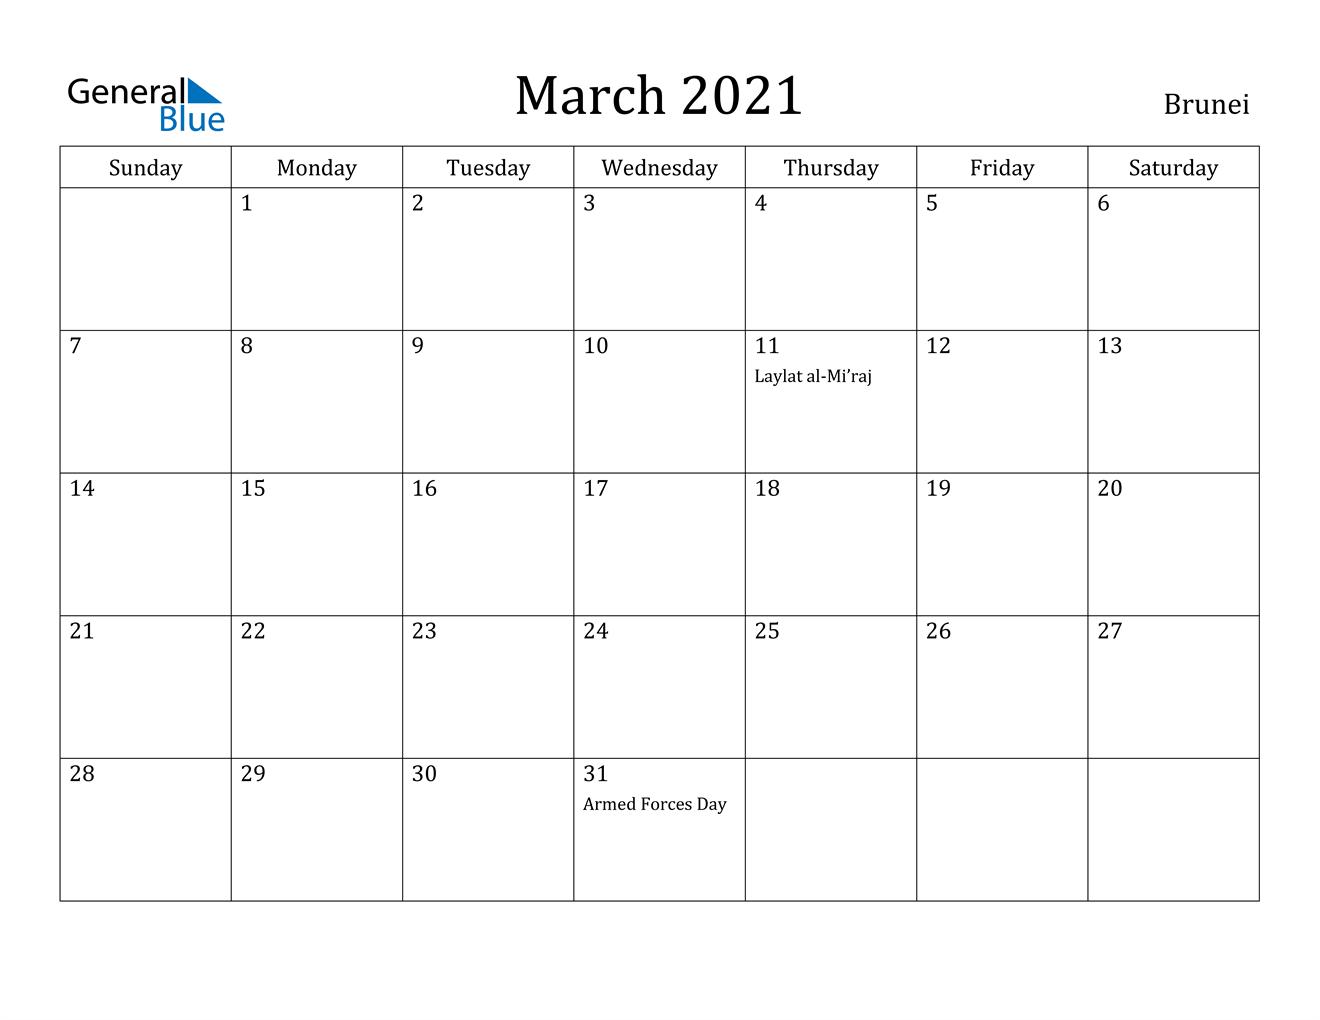 March 2021 Calendar - Brunei